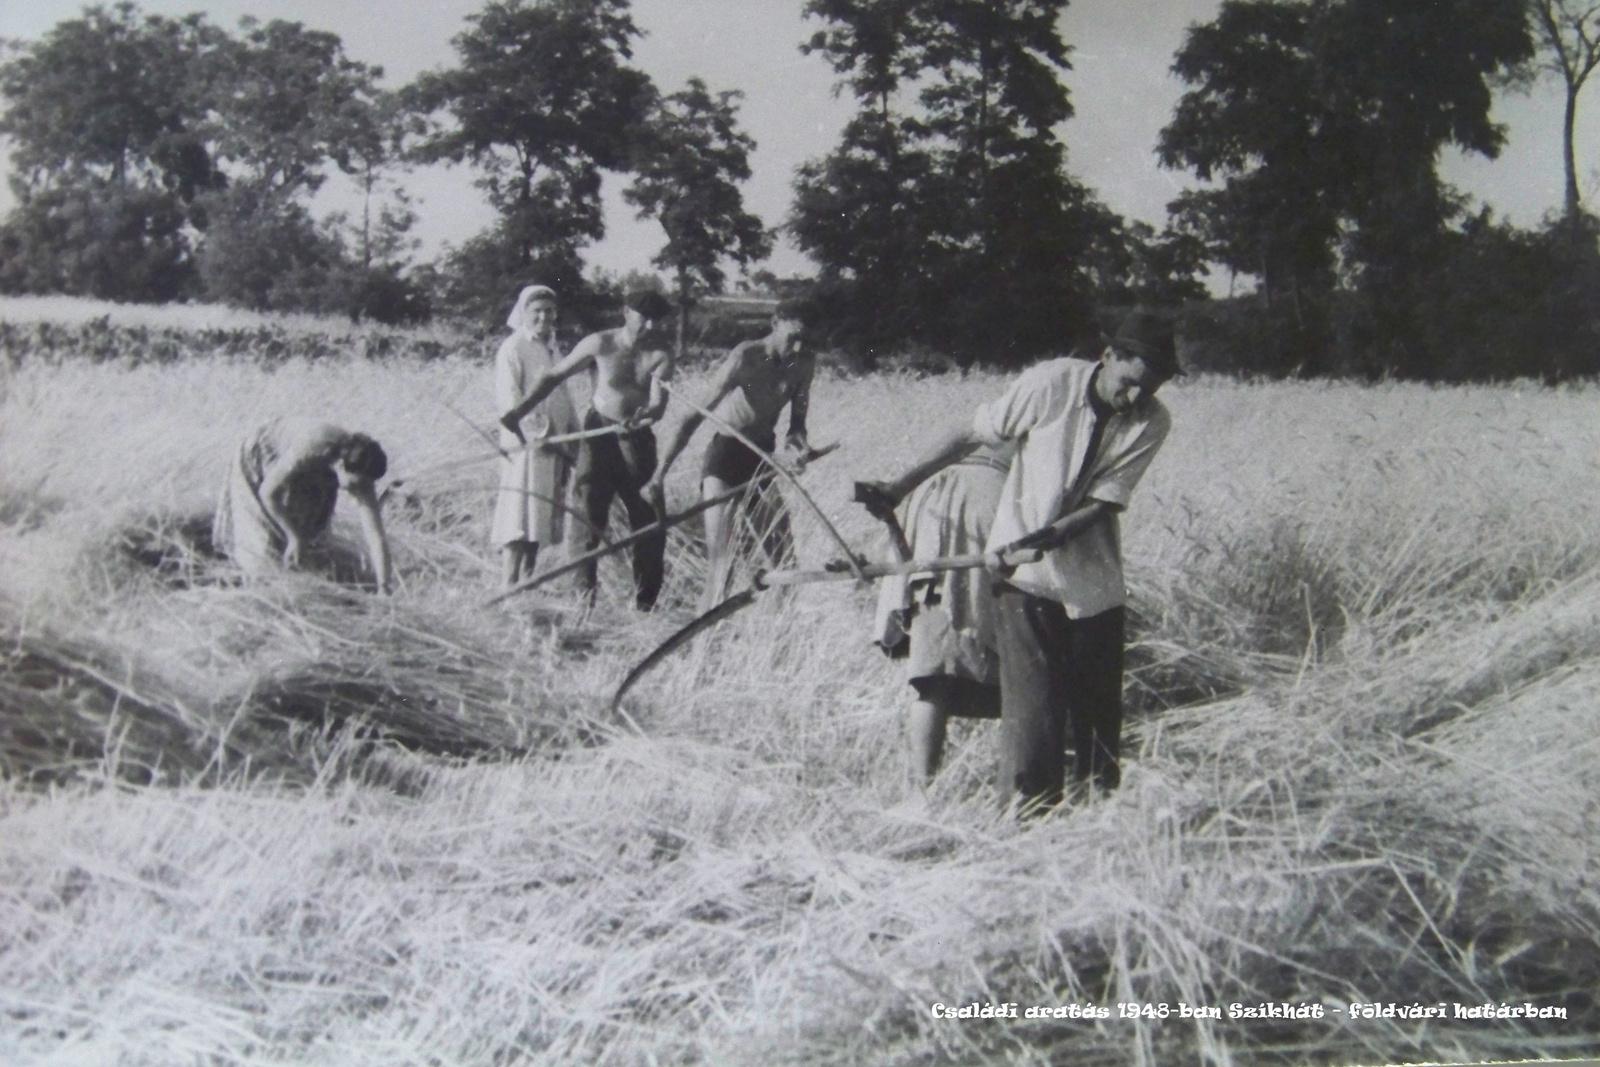 1948-ban